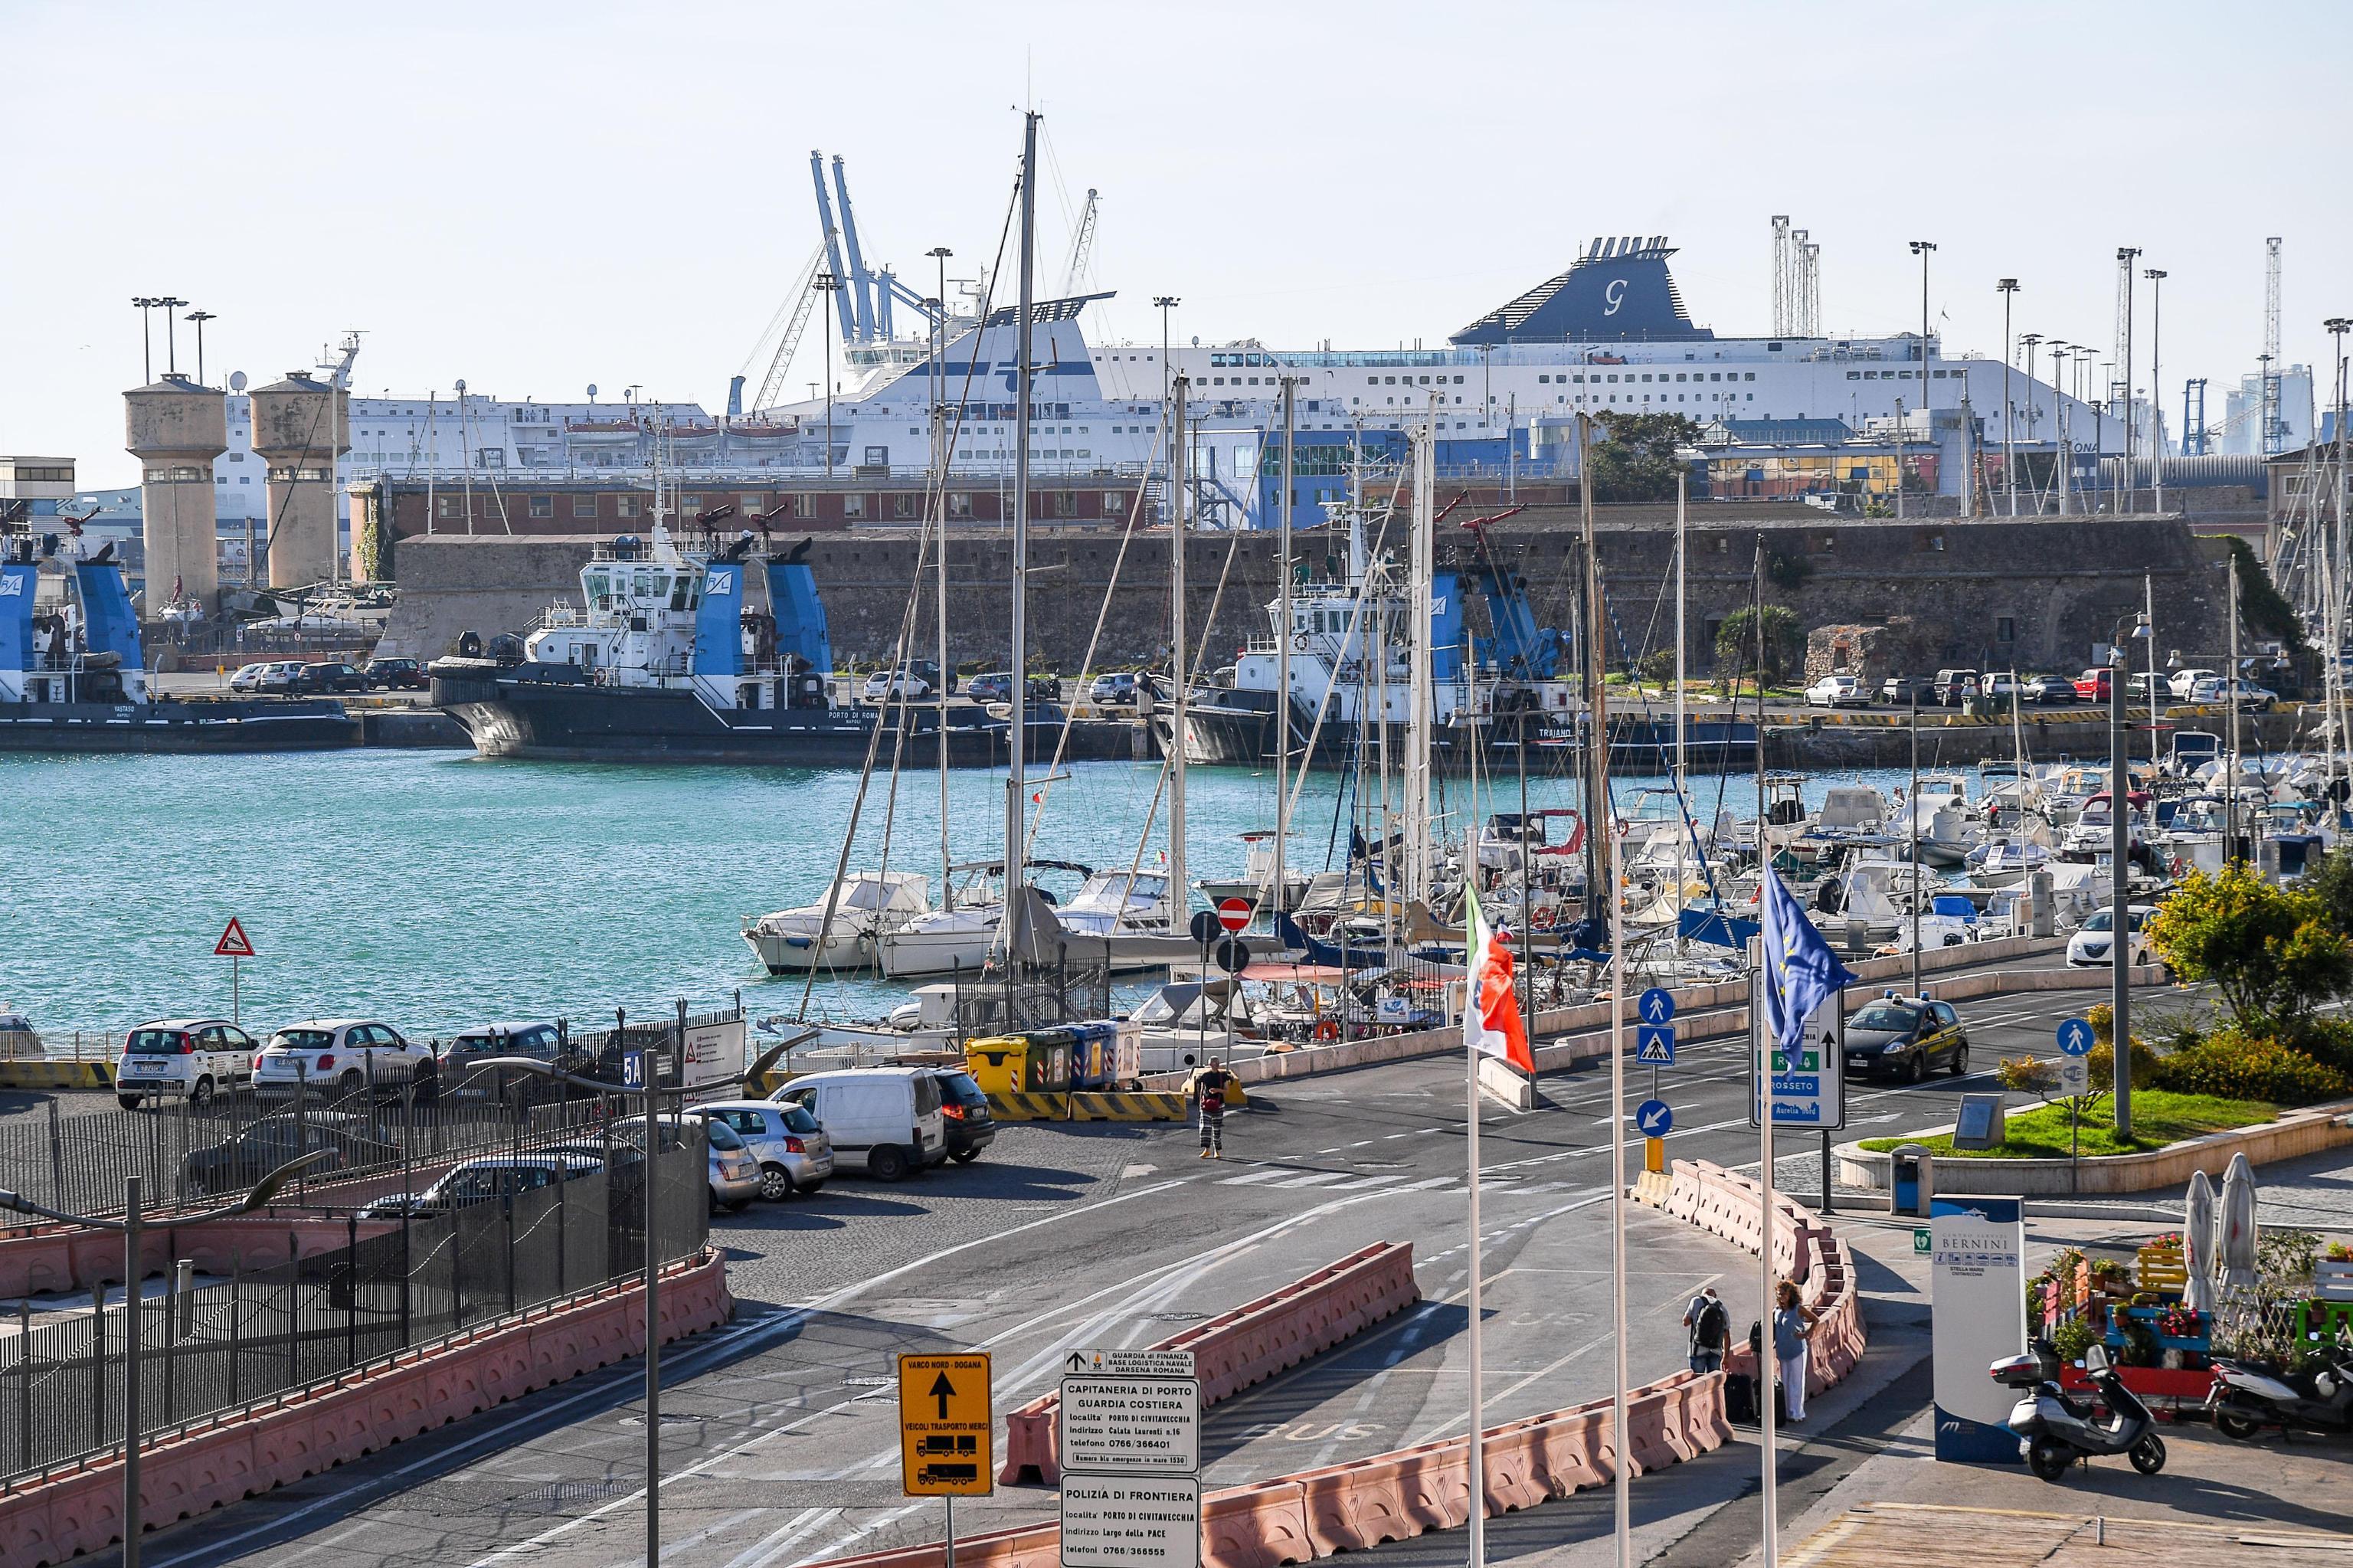 Civitavecchia-Barcellona: l'UE finanzia lo sviluppo delle autostrade del mare tra Italia e Spagna